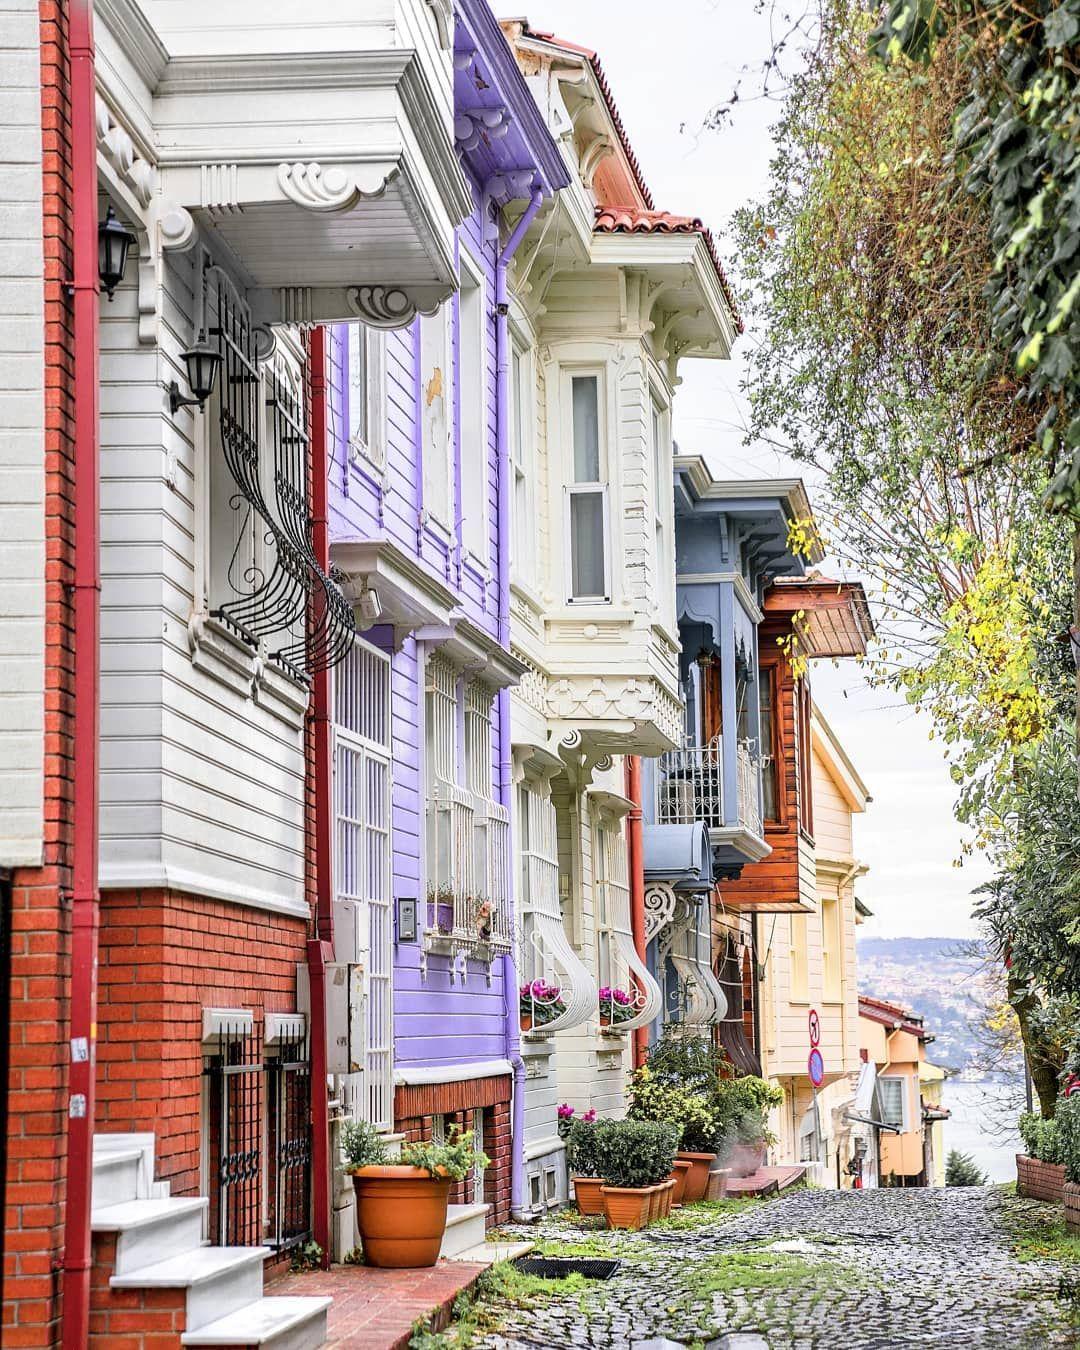 """Photo of Gezi Seyahat Fotoğraf İstanbul on Instagram: """"▪Arnavutköy / İstanbul  #arnavutköy #istanbul #gezi #seyahat #huzur #sonbahar"""""""